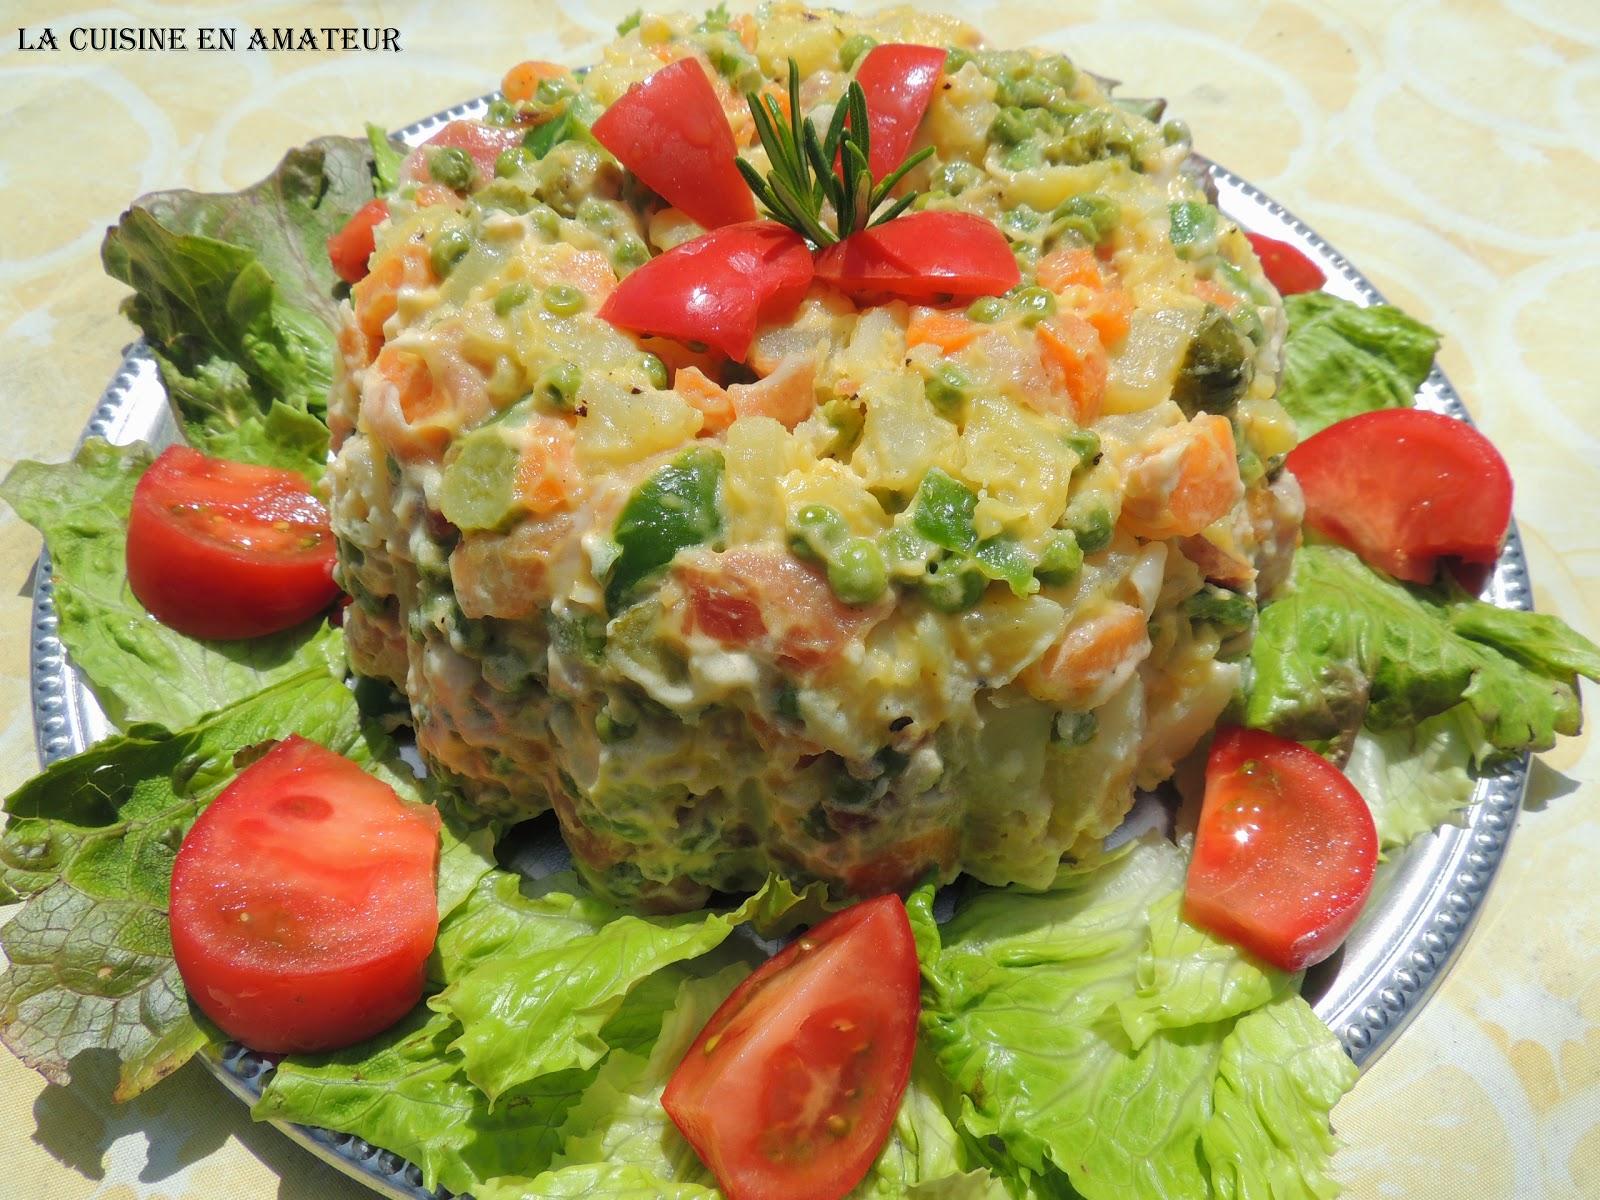 La cuisine en amateur de maryline salade russe - Cuisine traditionnelle russe ...